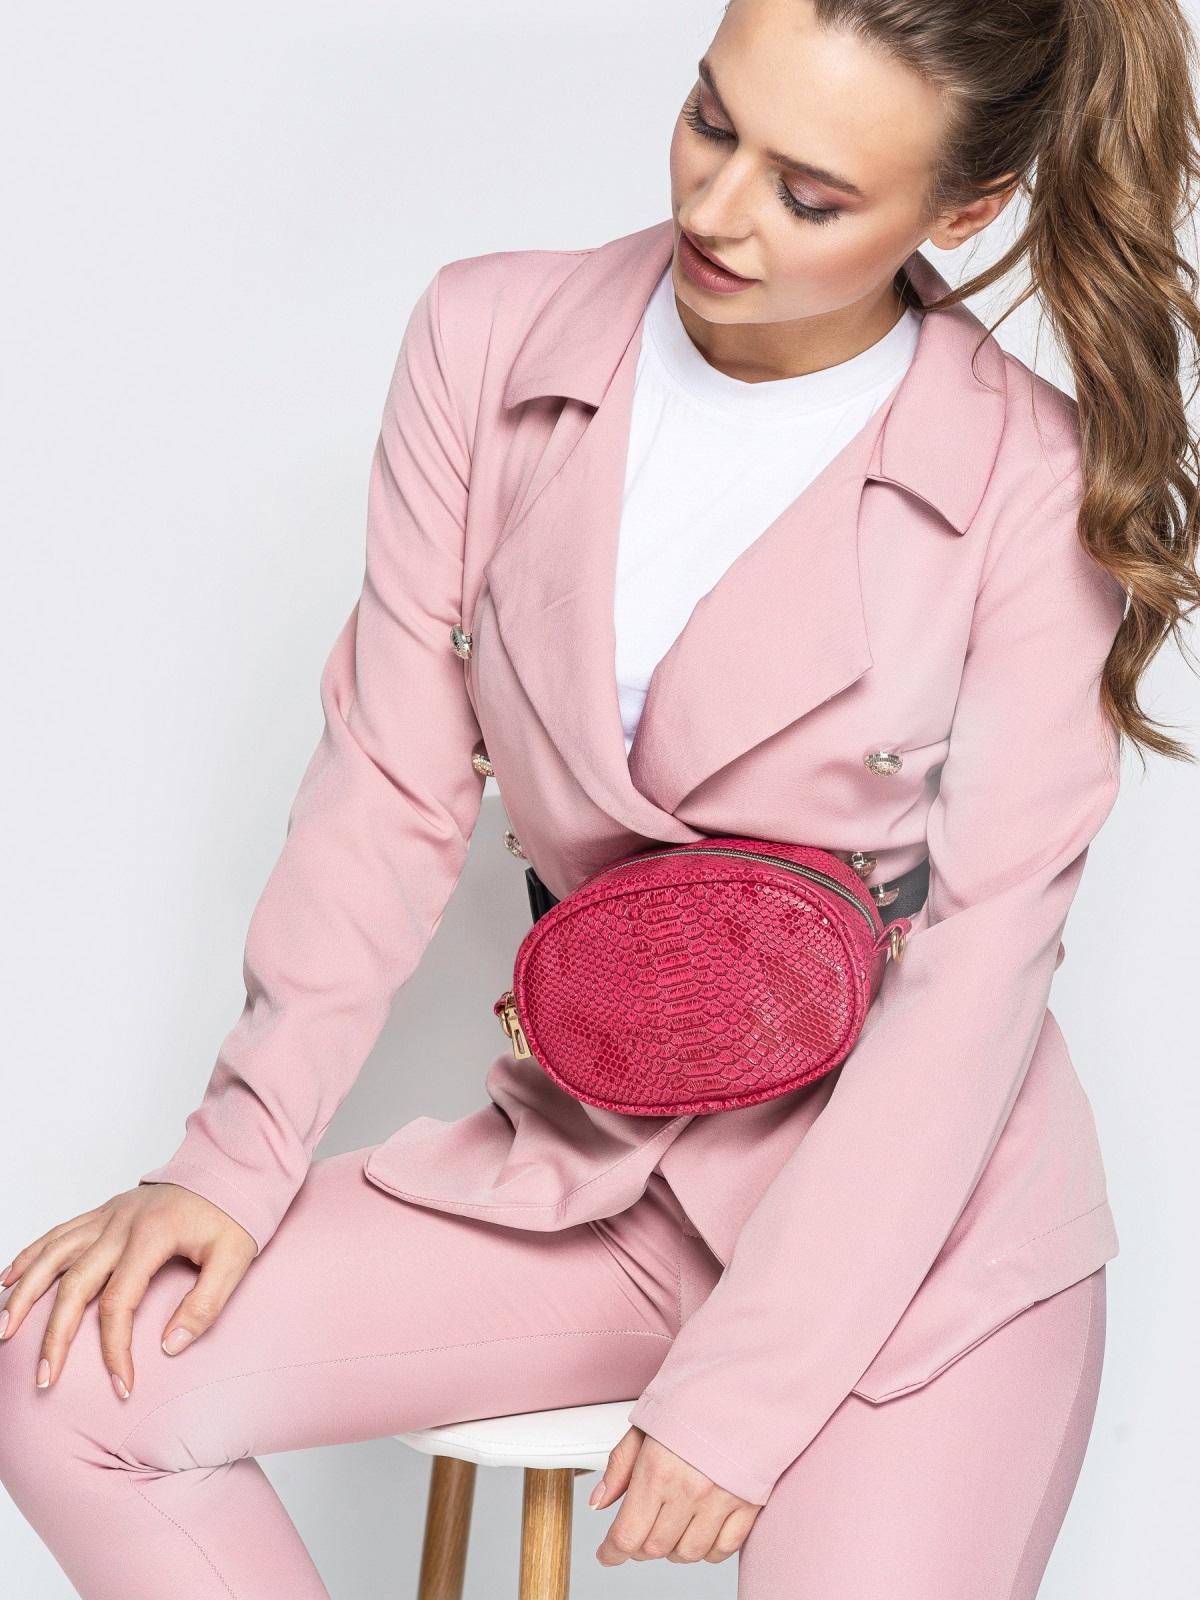 Поясная сумка с дополнительным ремешком красная - 20593, фото 1 – интернет-магазин Dressa